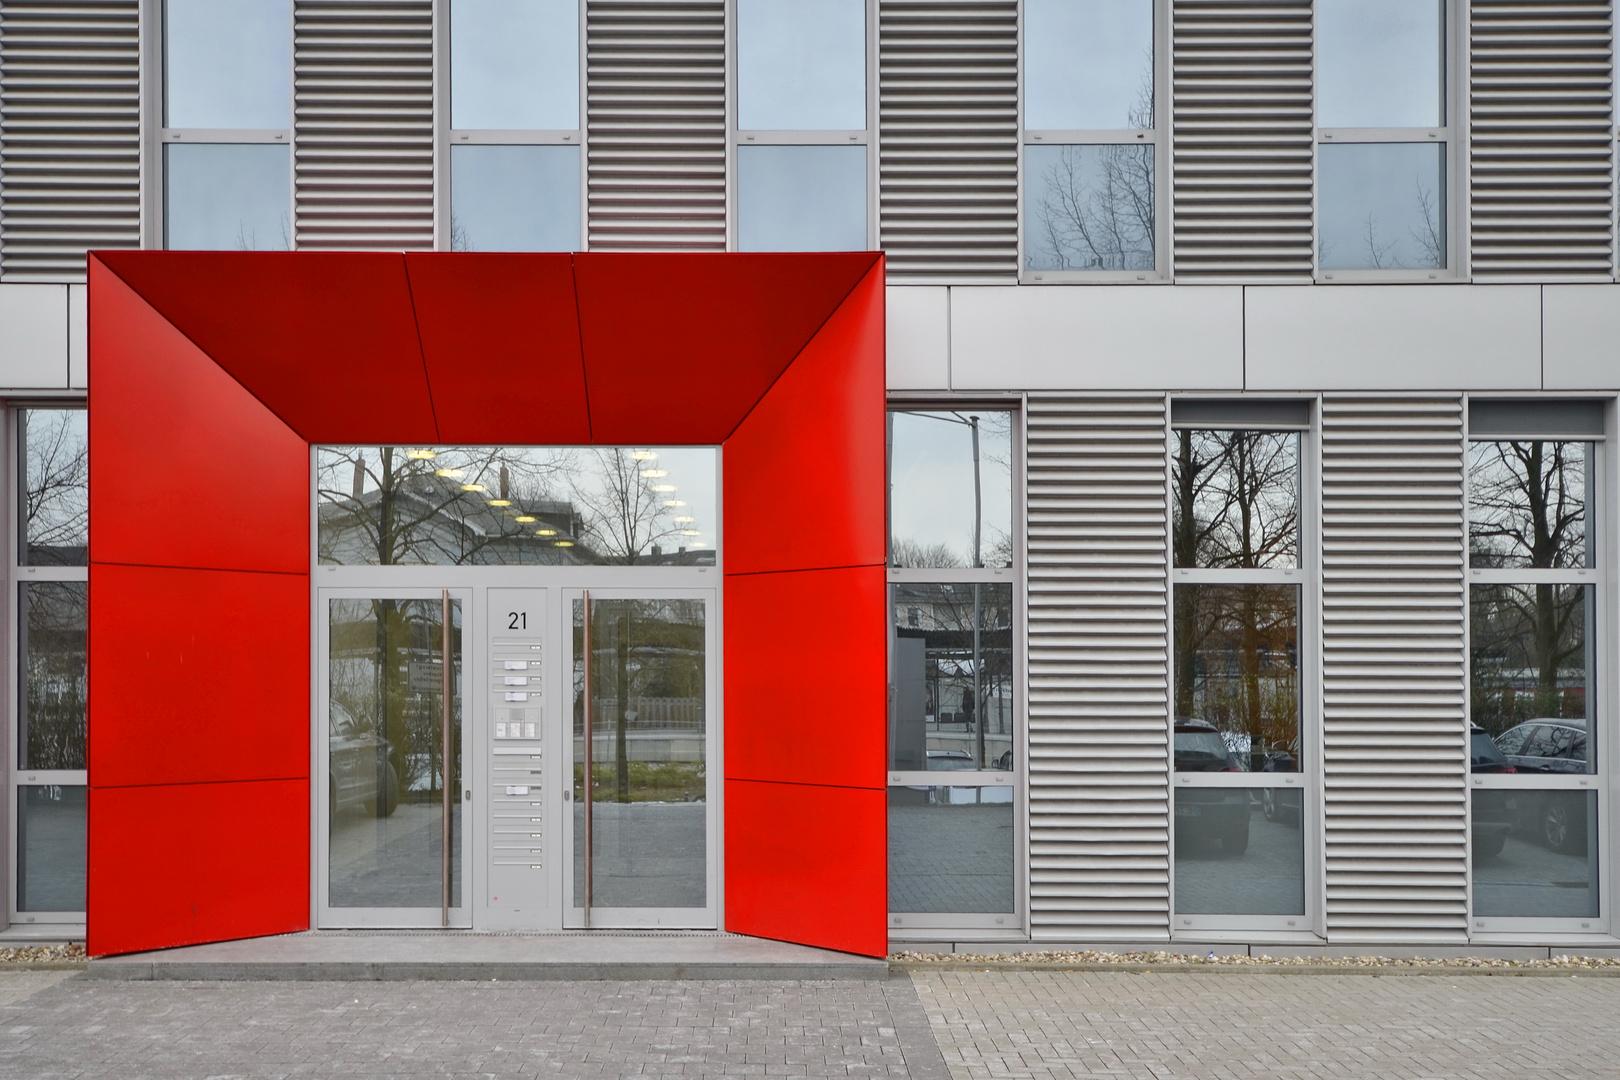 Der rote Rahmen